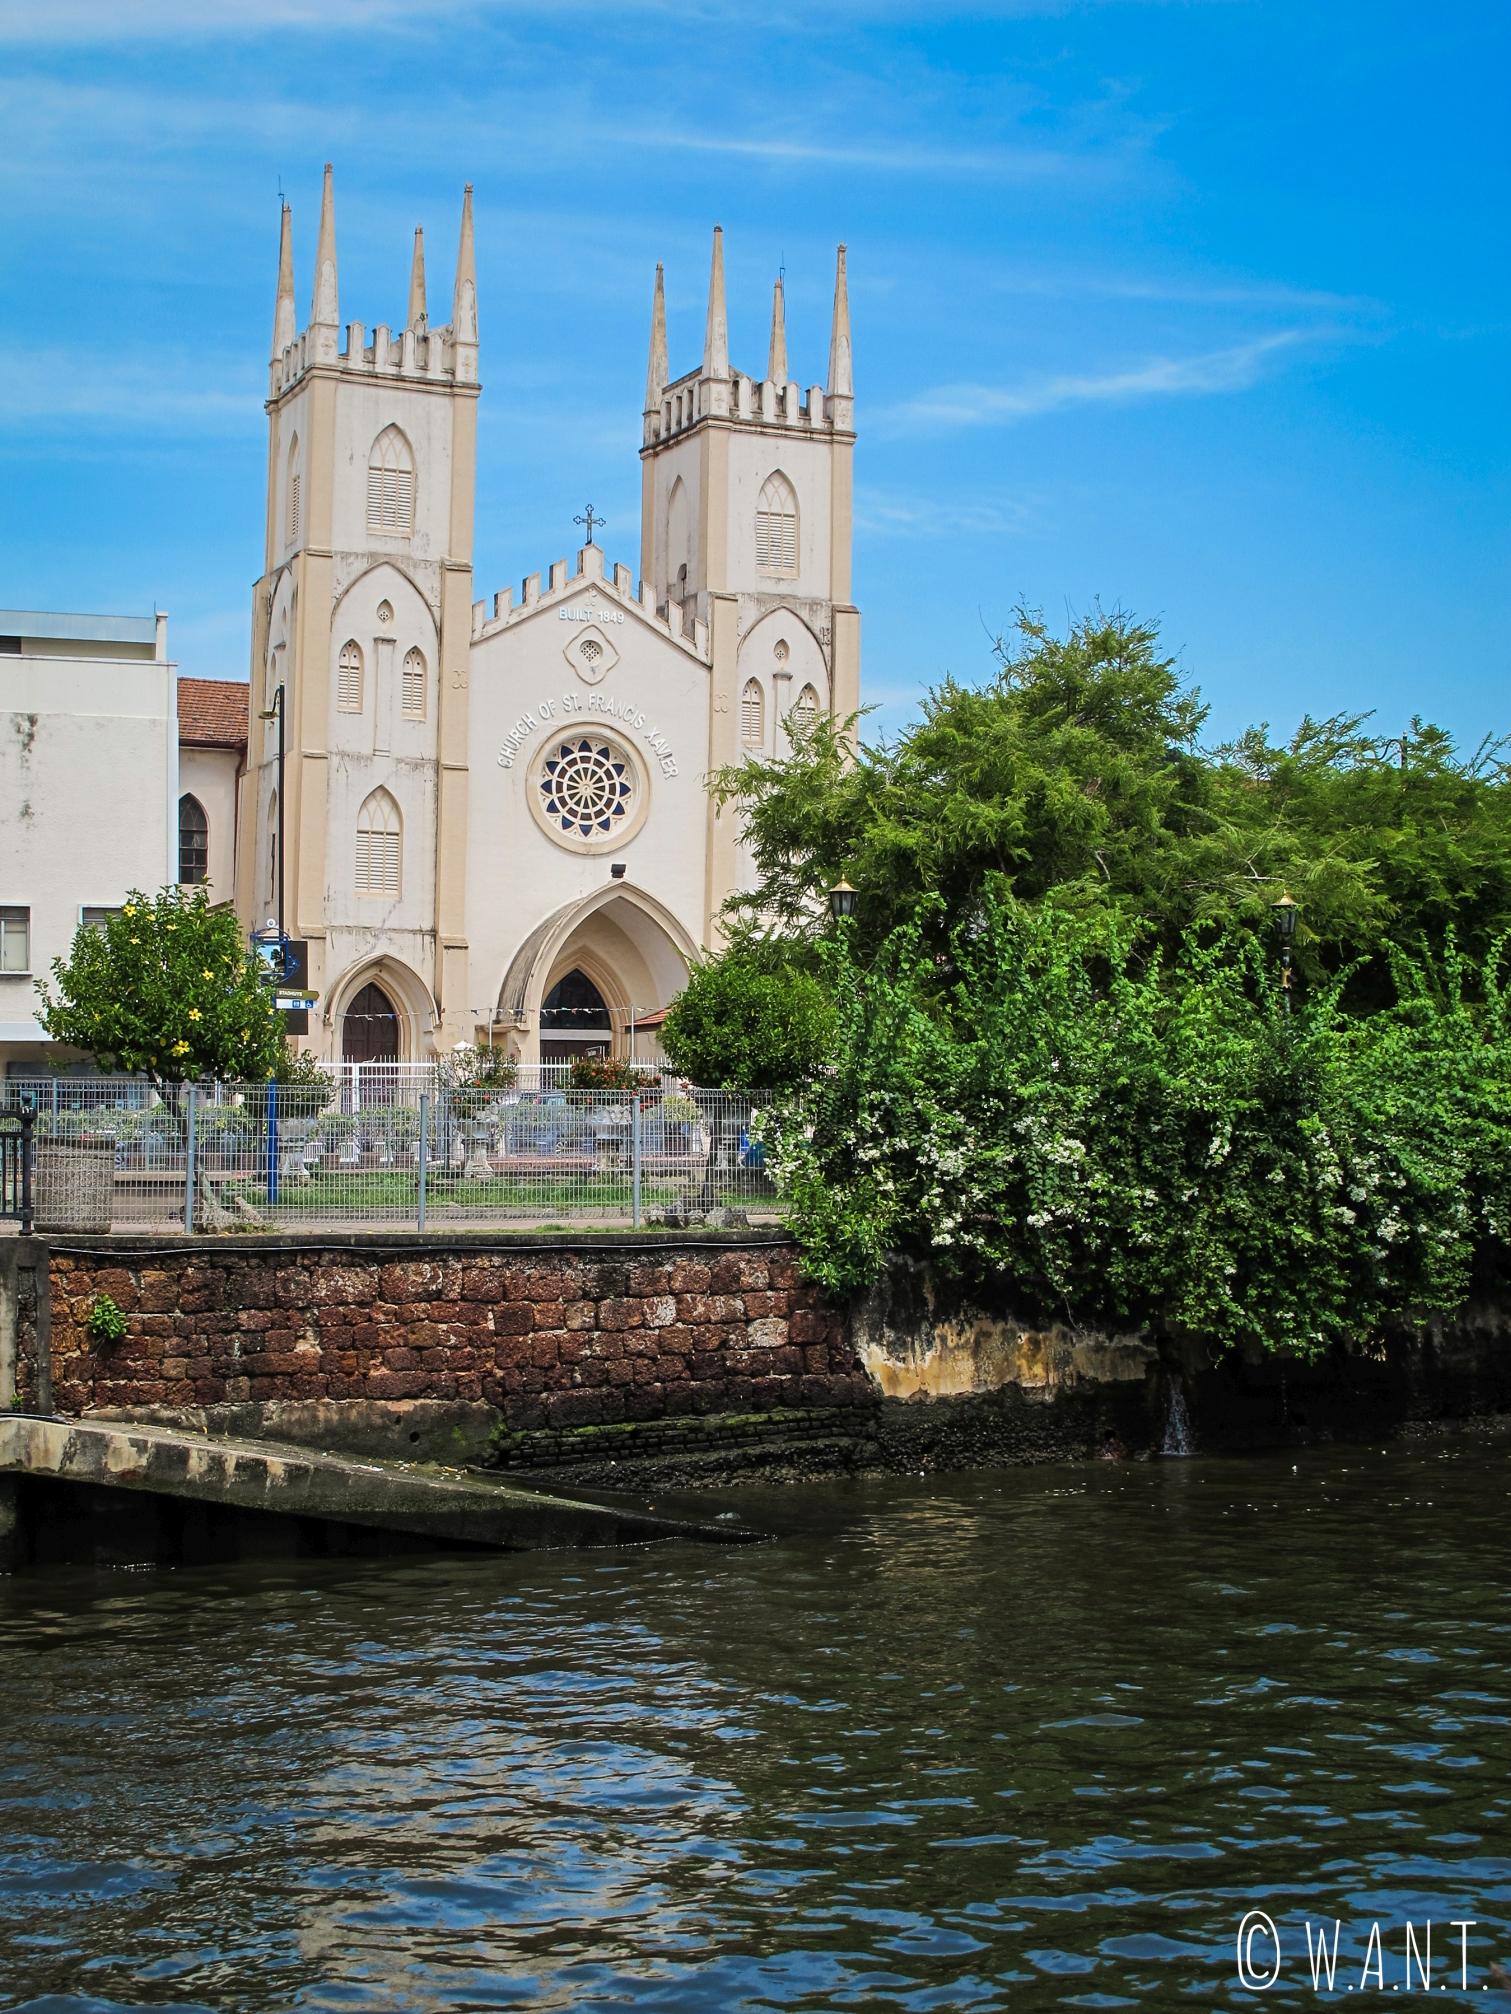 Vue depuis la rive opposée sur l'église St François Xavier de Malacca